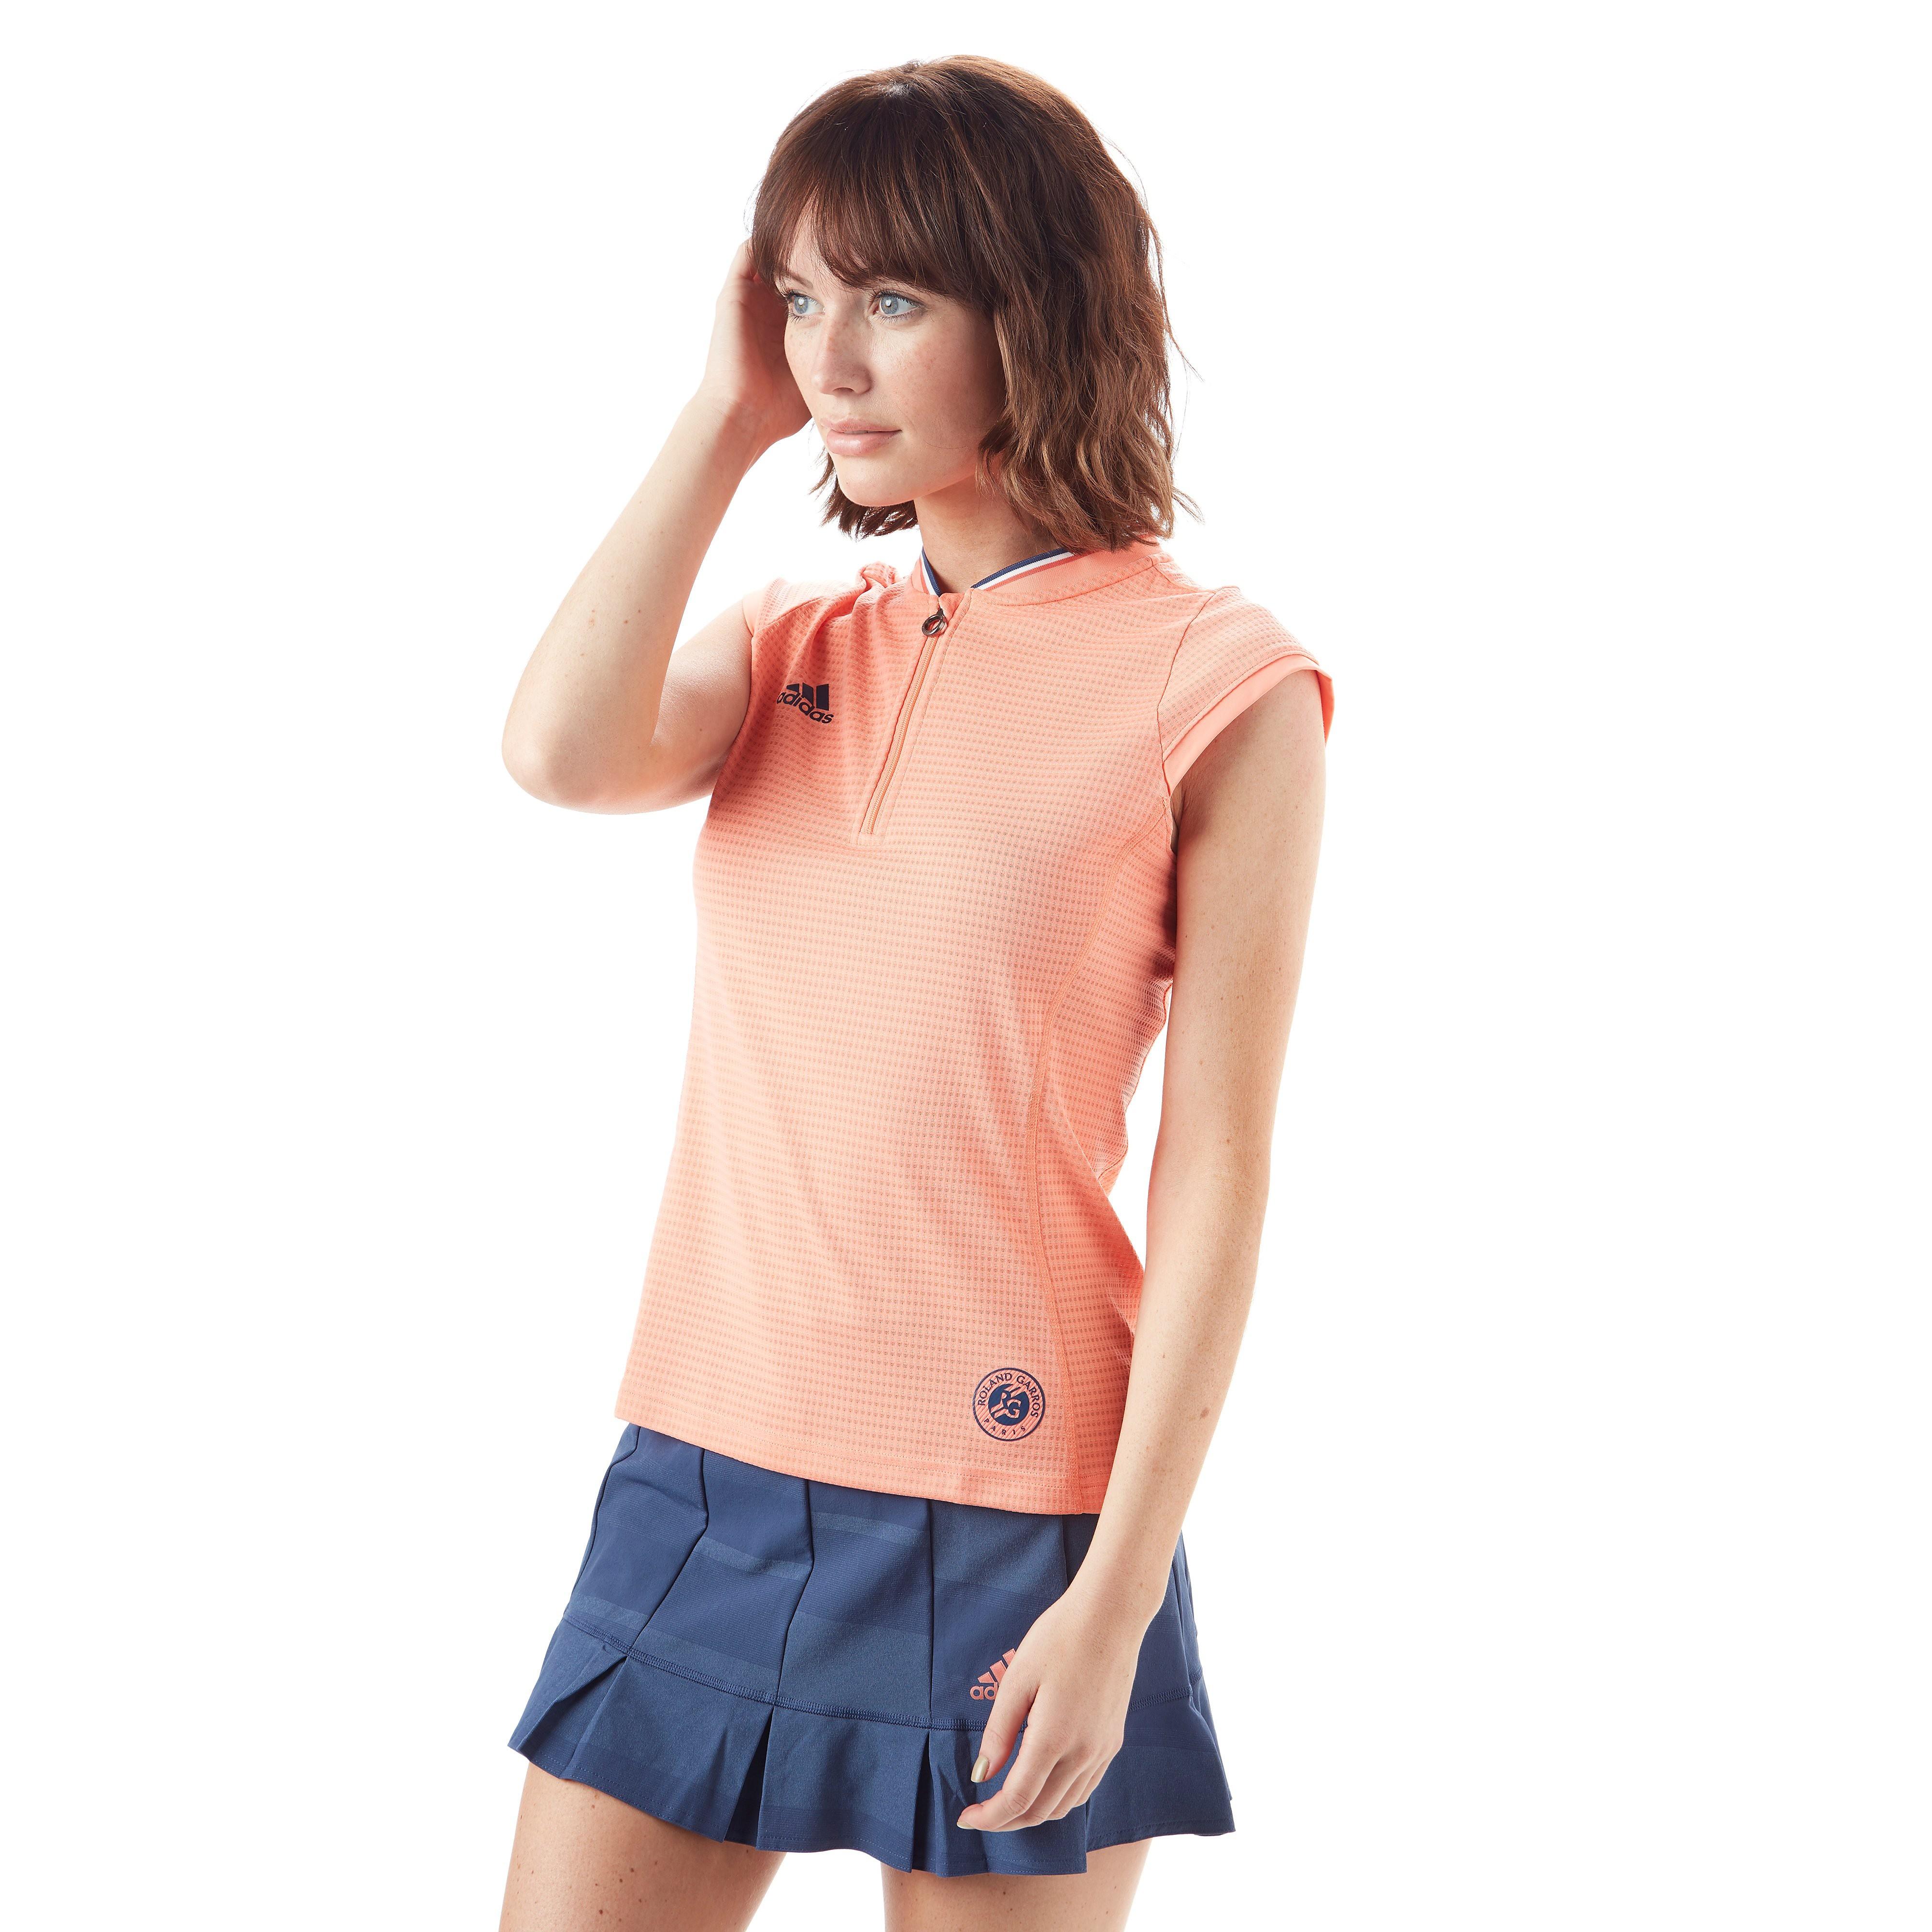 adidas Roland Garros Ball Girl ¼ Zip Women's Tennis T-Shirt